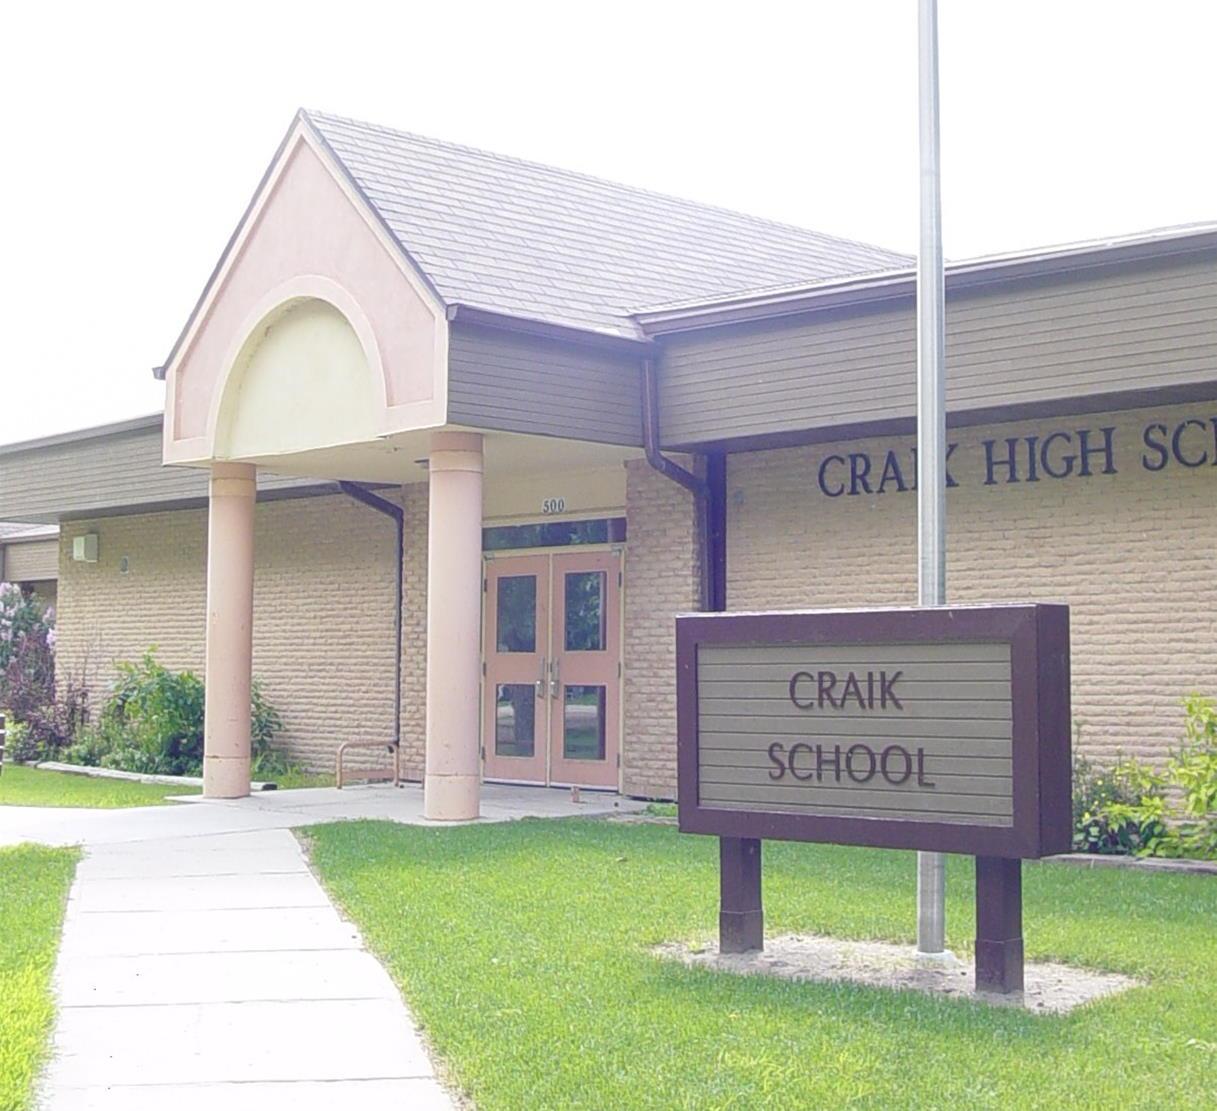 Craik School